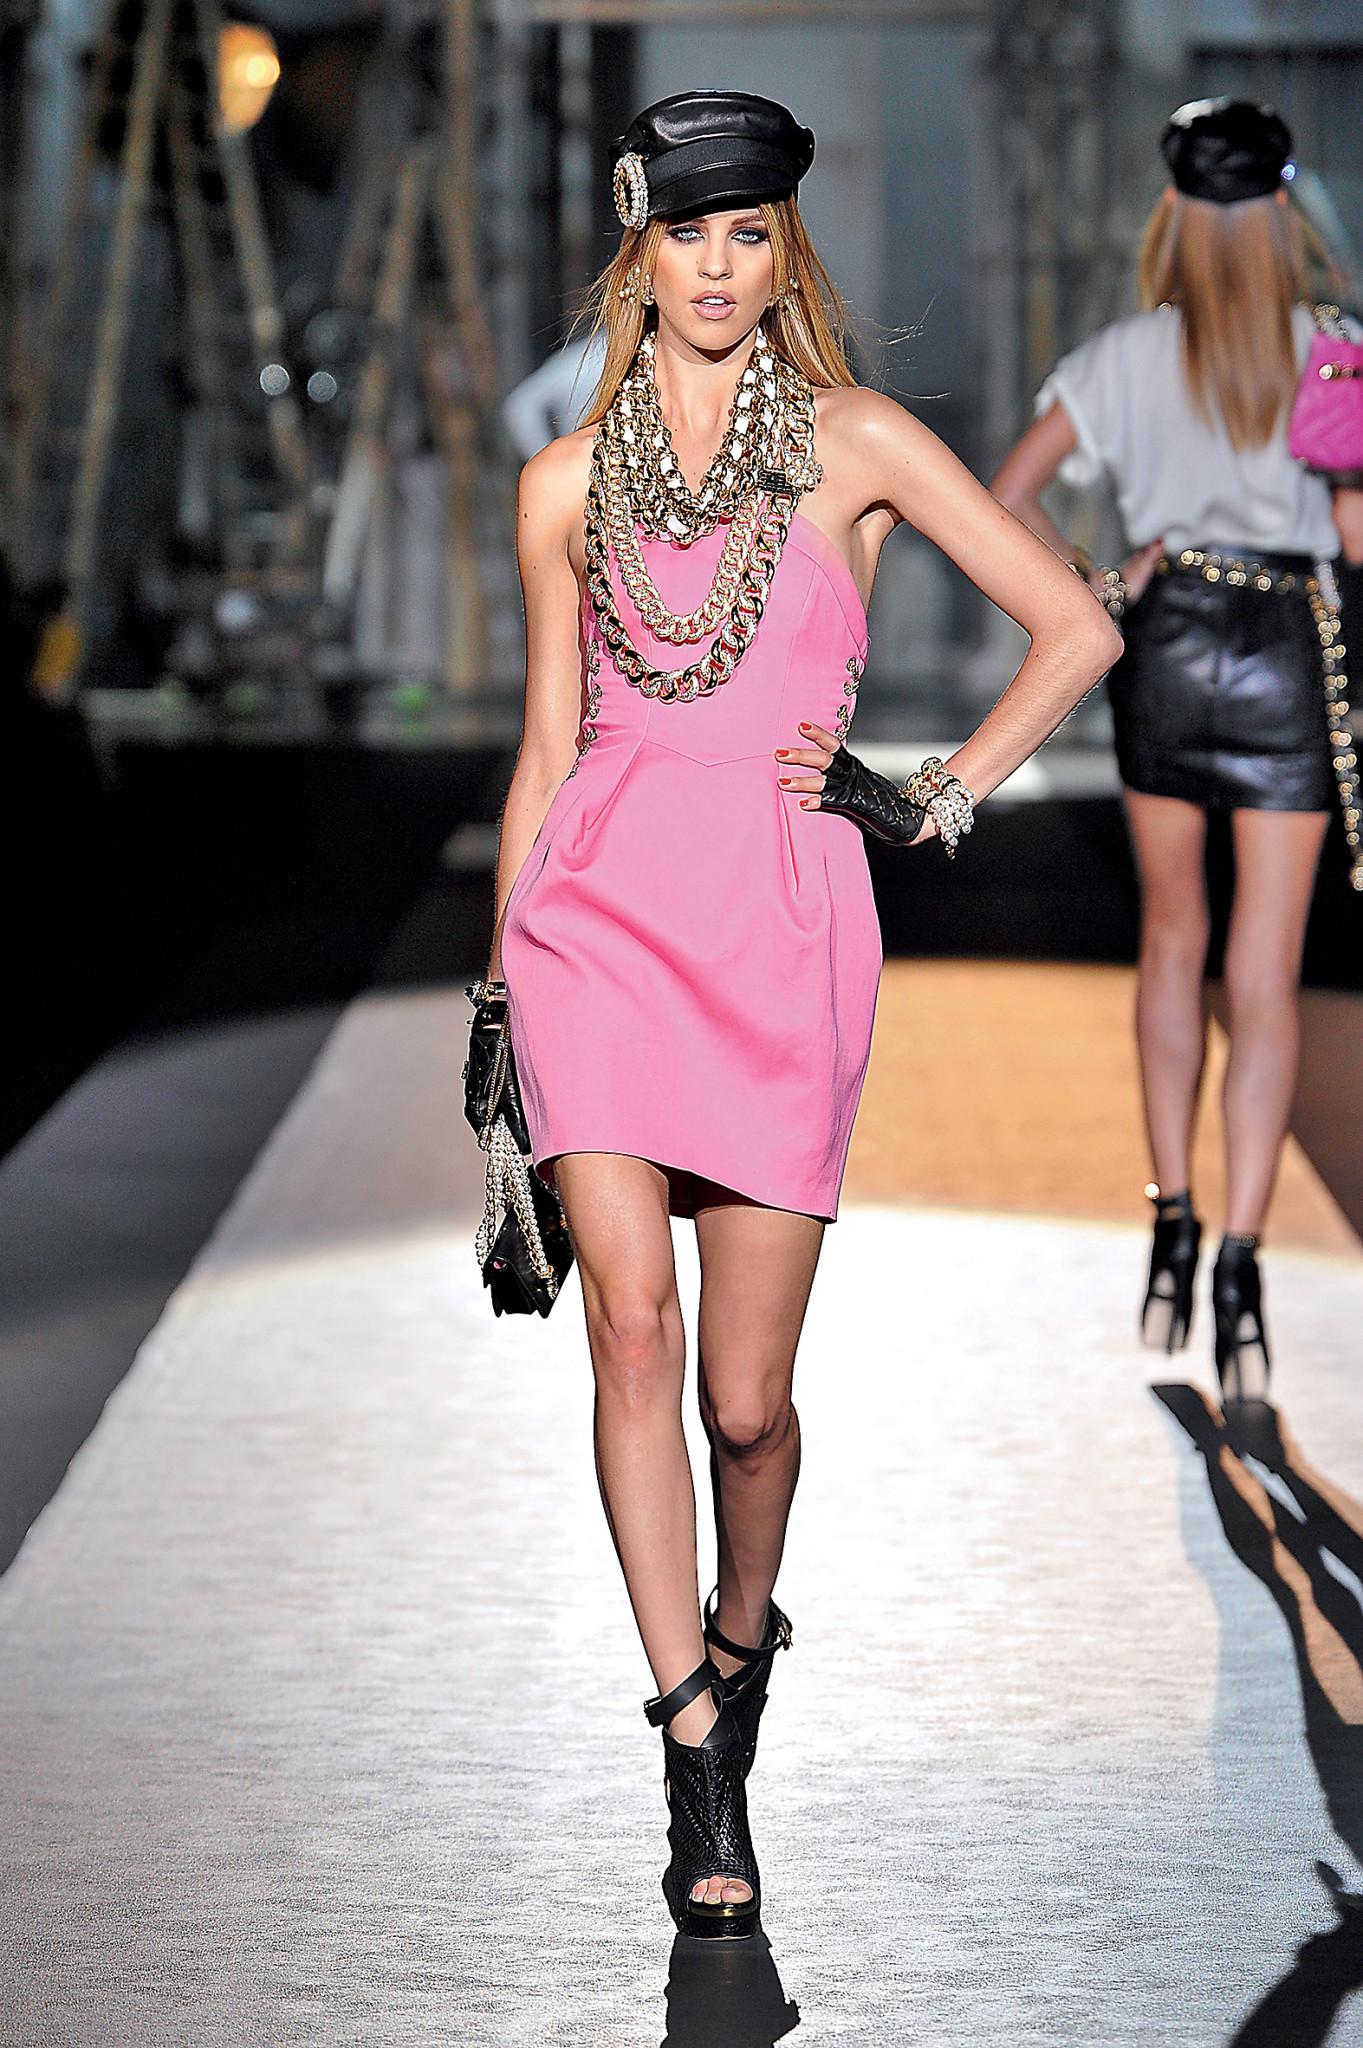 Топ-7 антитрендов наступившего модного сезона